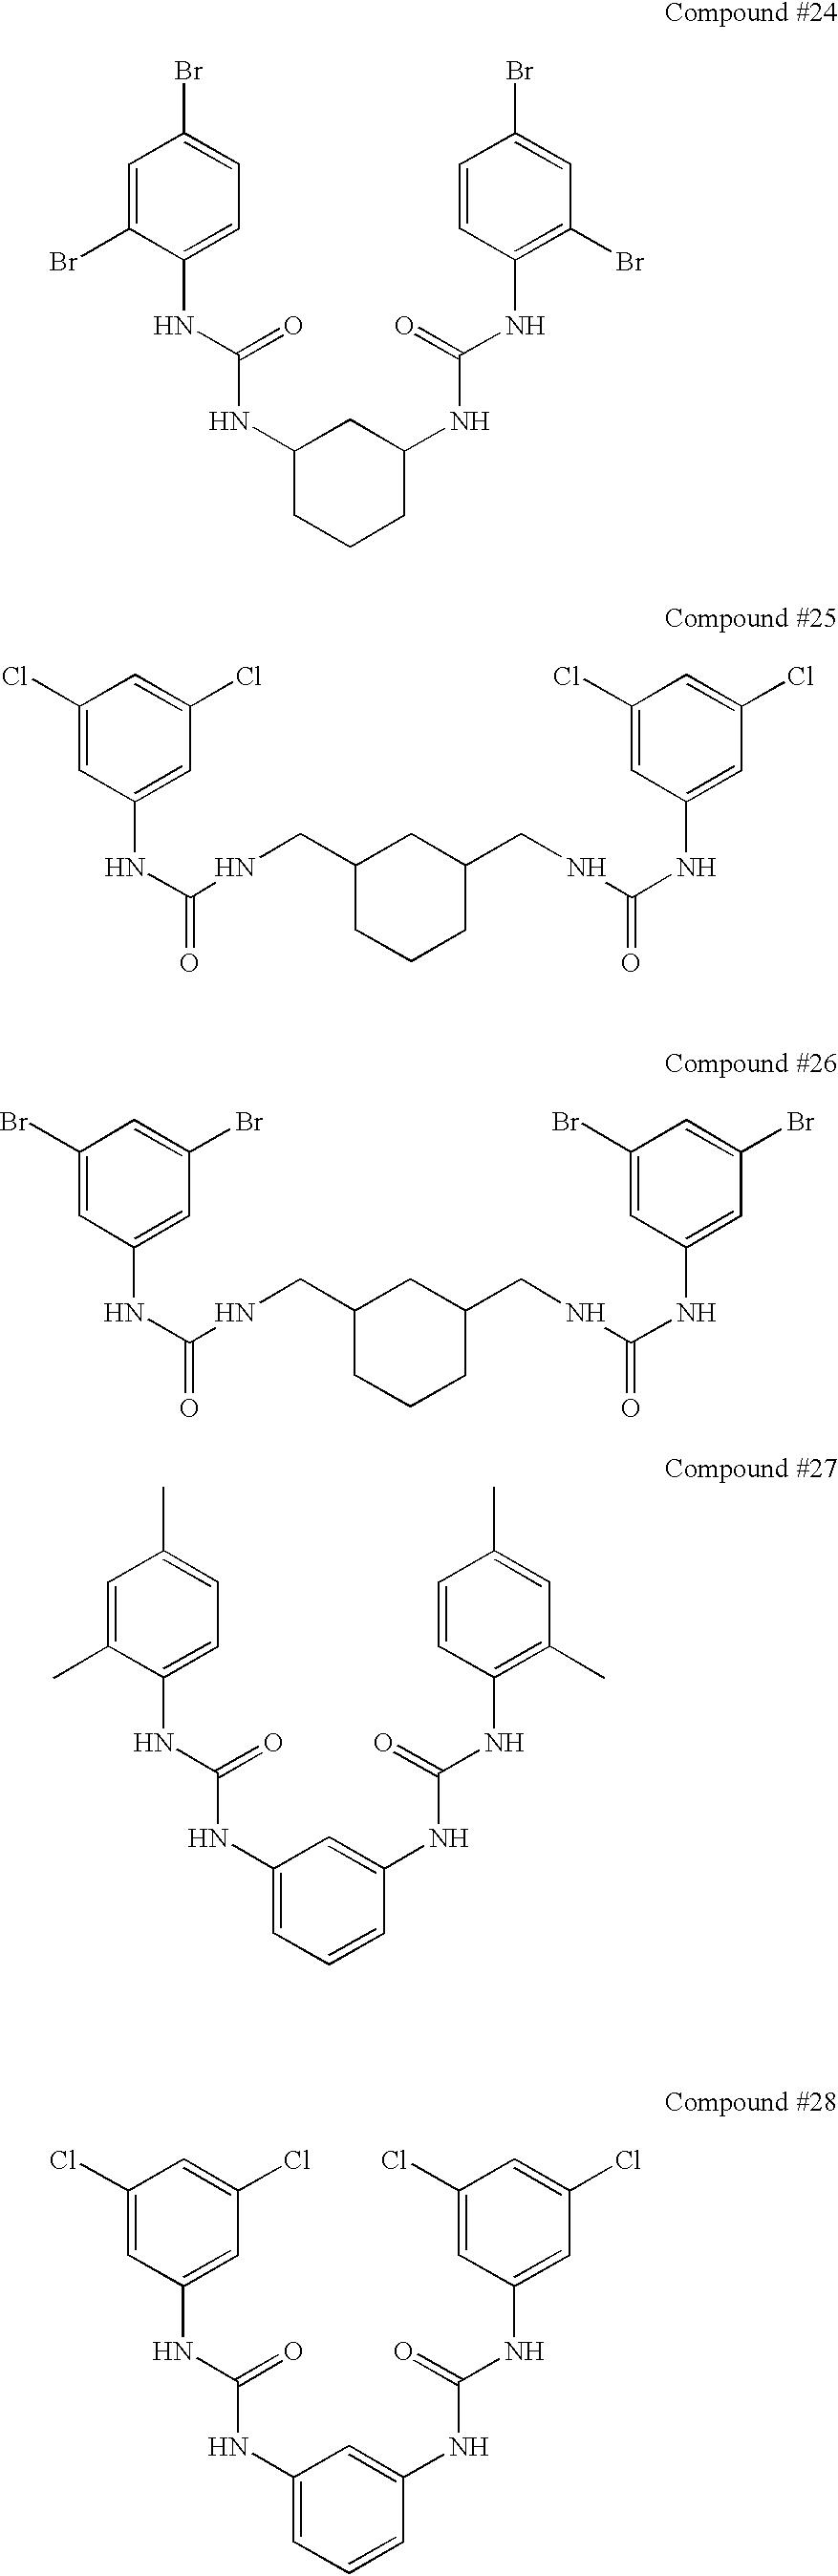 Figure US06593362-20030715-C00007